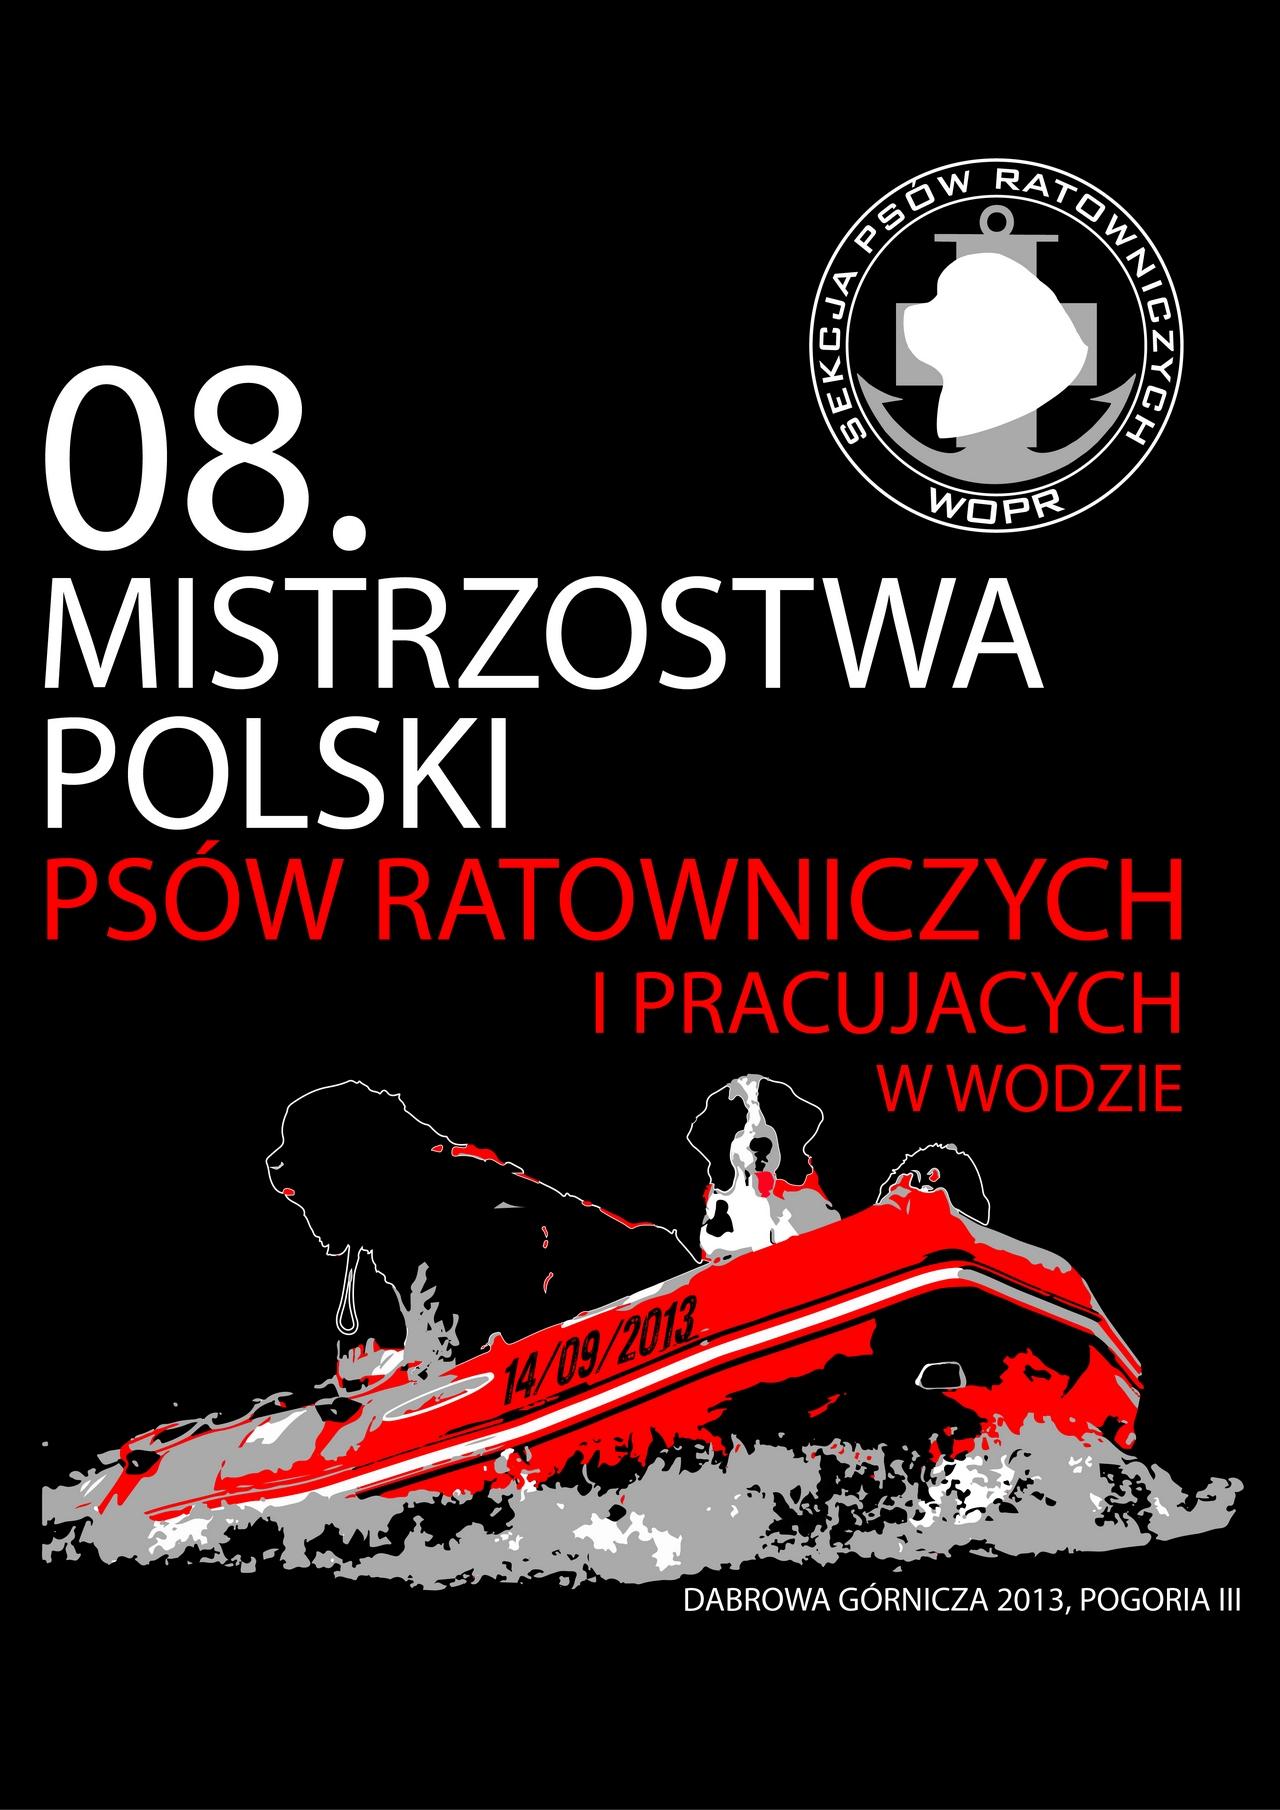 VIII Mistrzostwa Polski Psów Ratowniczych WOPR oraz pokazy Służb Ratowniczych